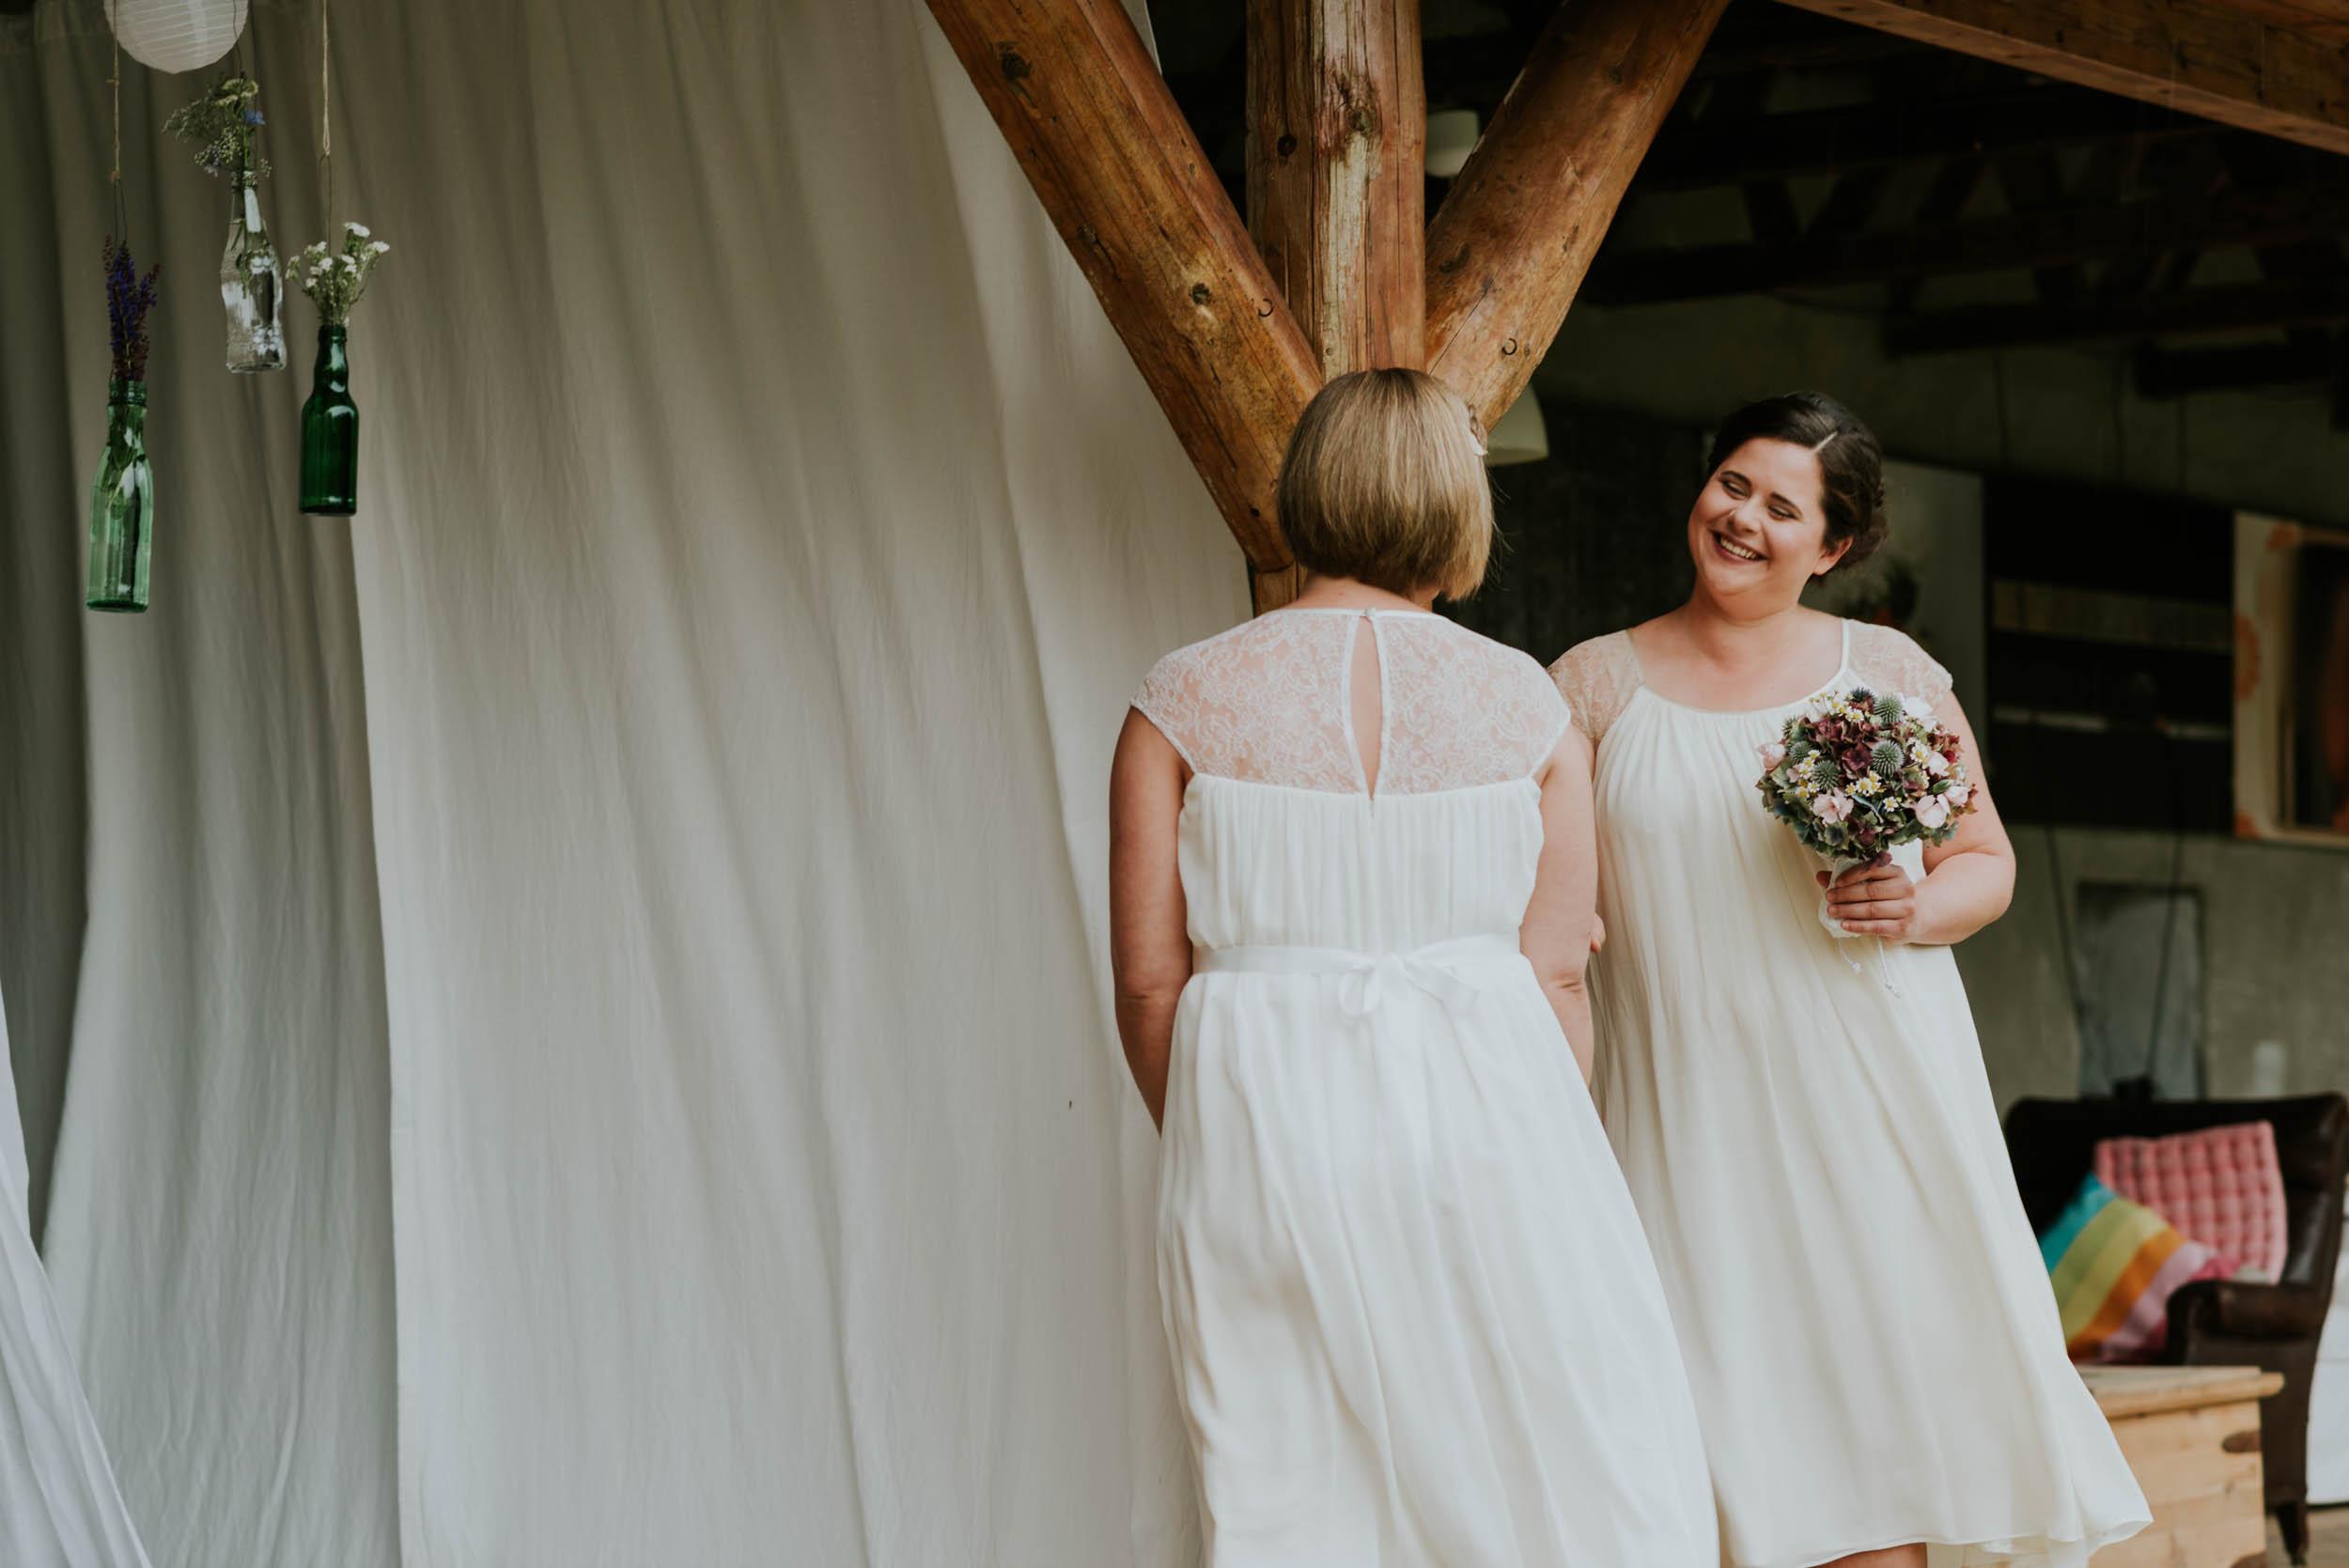 Hochzeit_Stadtflucht Bergmühle_belle&sass0008.jpg